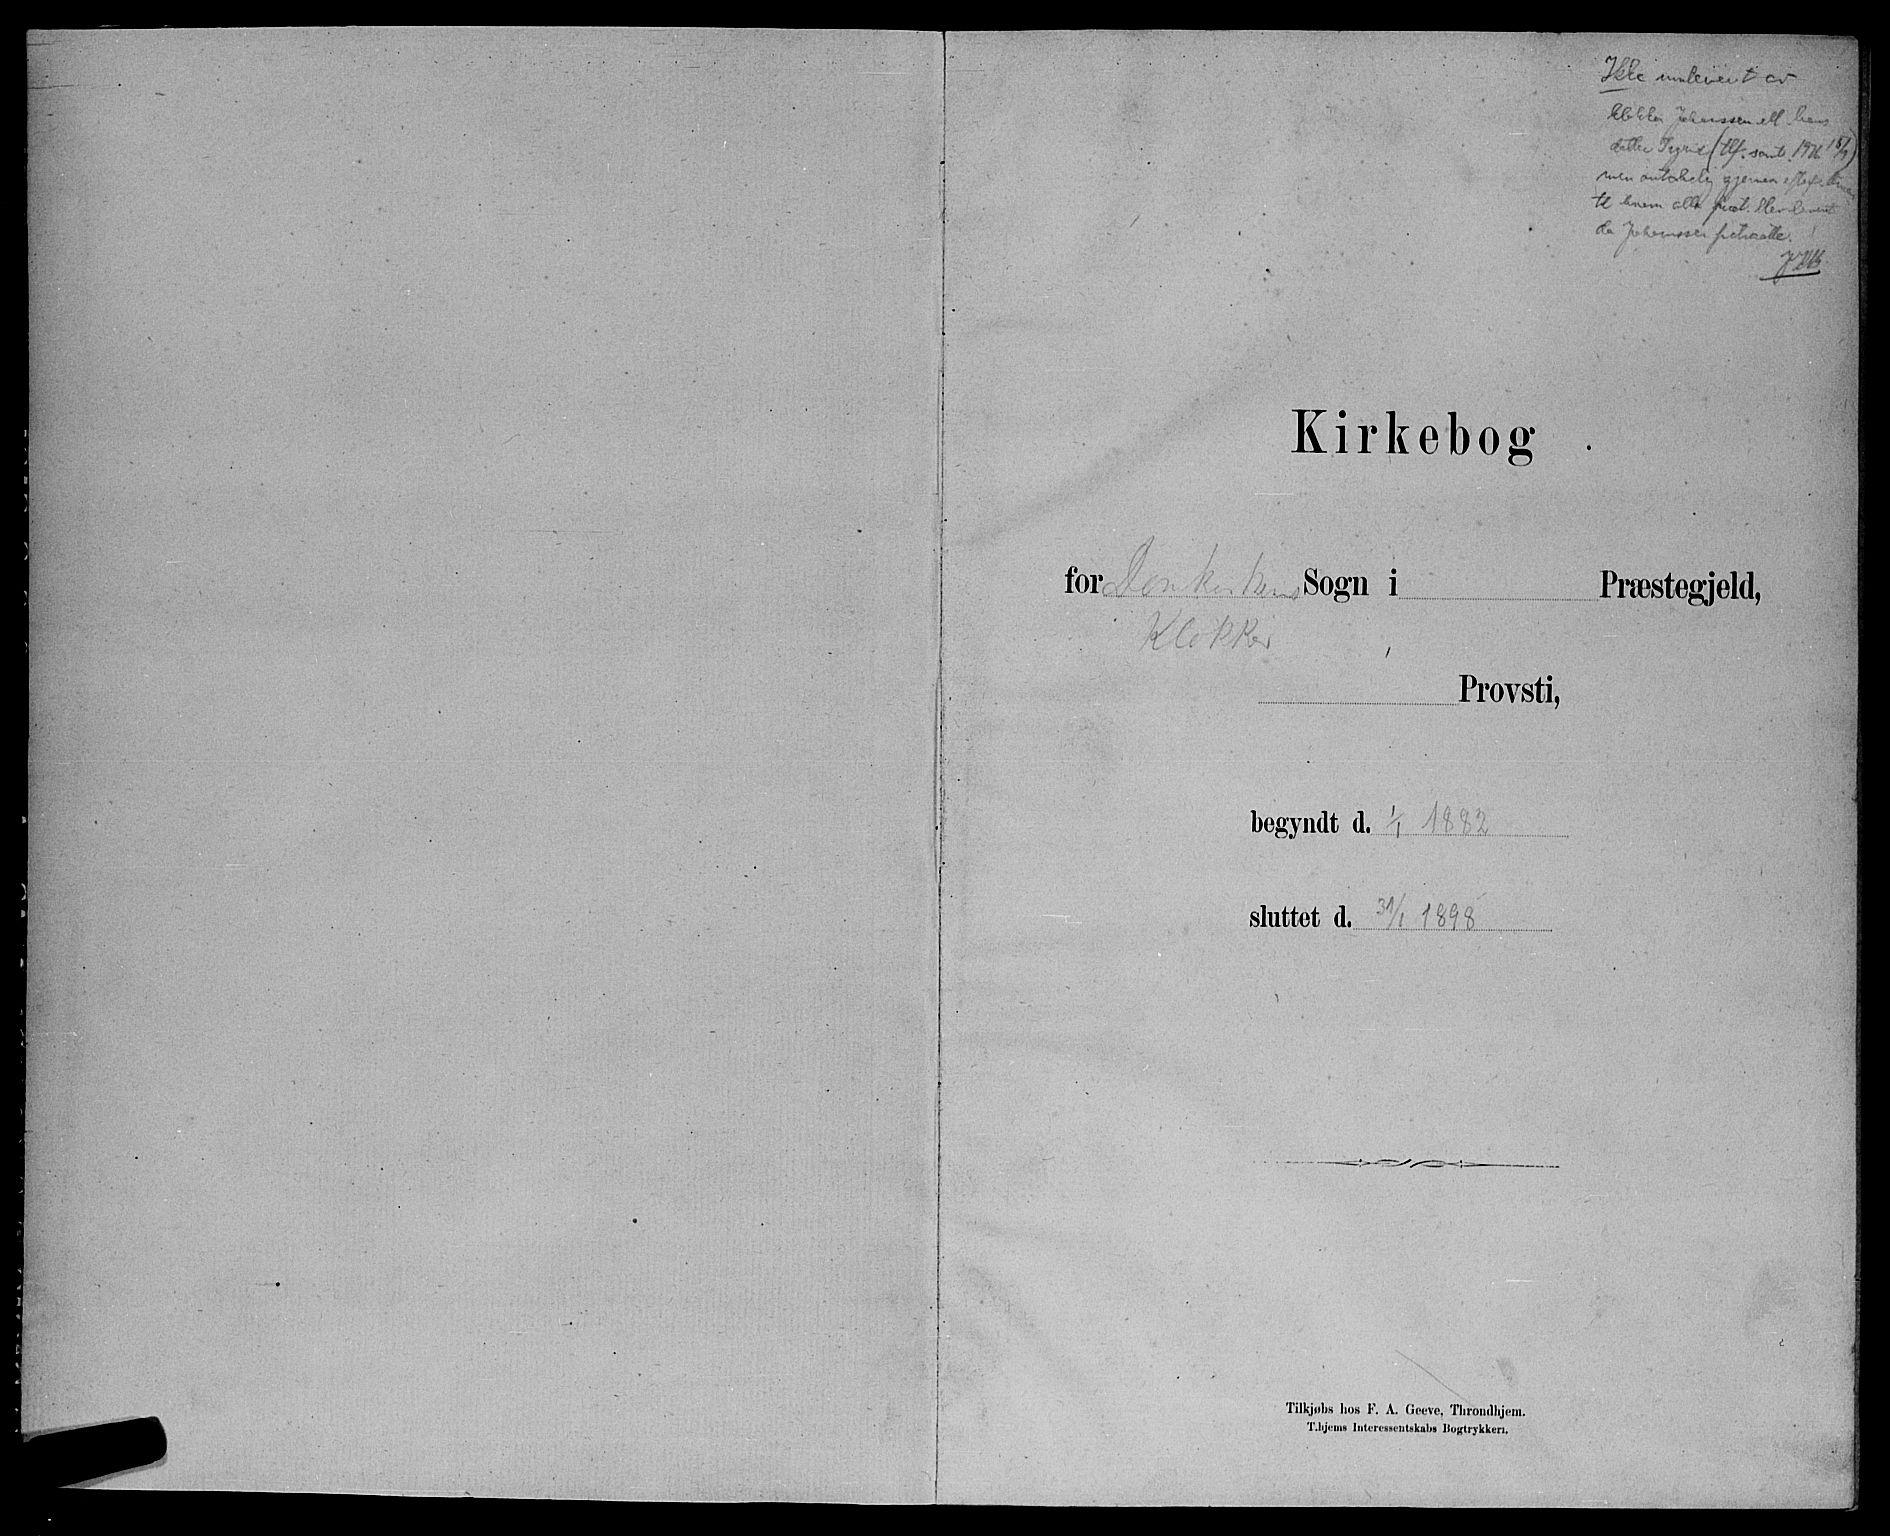 SAT, Ministerialprotokoller, klokkerbøker og fødselsregistre - Sør-Trøndelag, 601/L0093: Klokkerbok nr. 601C11, 1882-1898